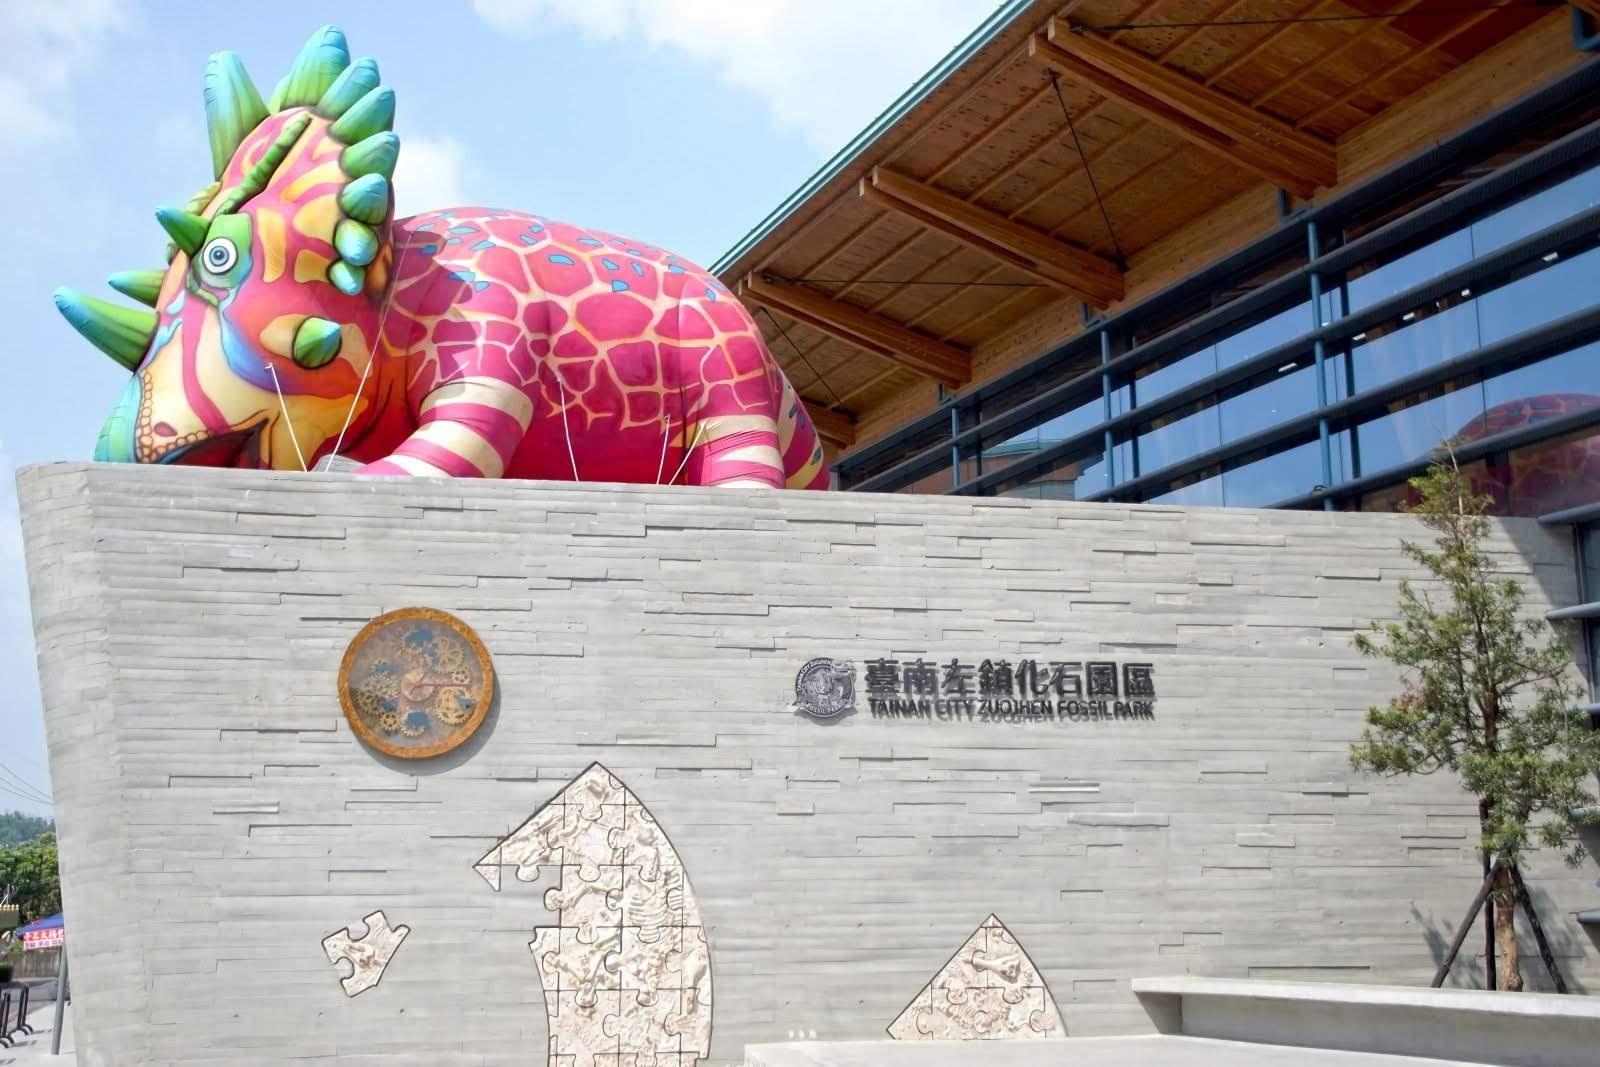 台南各大景點將採實名制|4/1起登記基本資料才能入場|清明連假醫護人員及12歲以下兒童免費參觀